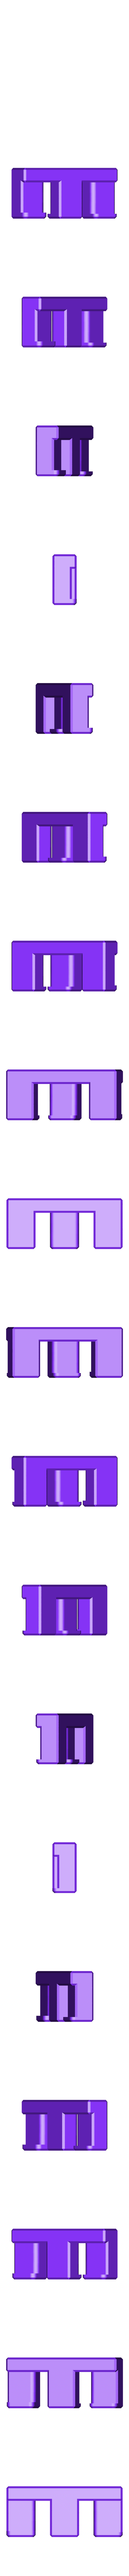 B8480fbd d36f 4f40 a973 5dec4bf52dc4